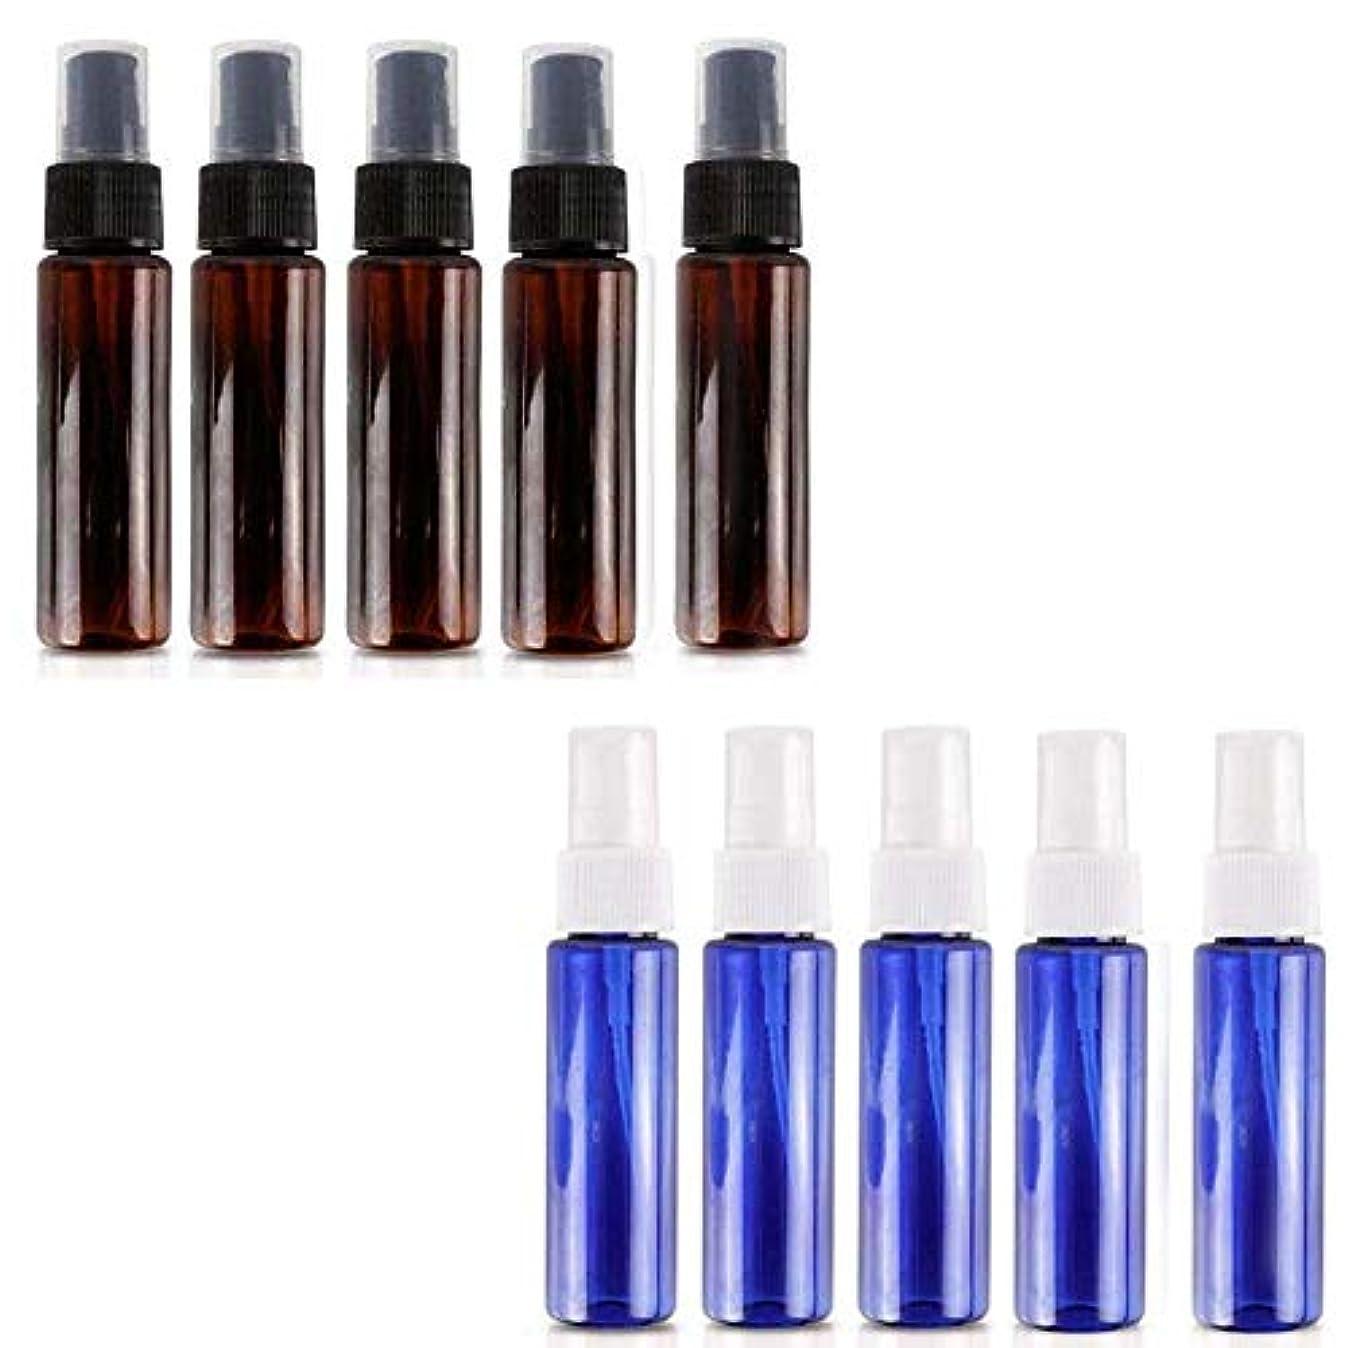 スリンク腕アリーナMilent スプレー容器 スプレーボトル30ML 遮光瓶スプレー 10本 アロマ虫除けスプレー プラスチック製